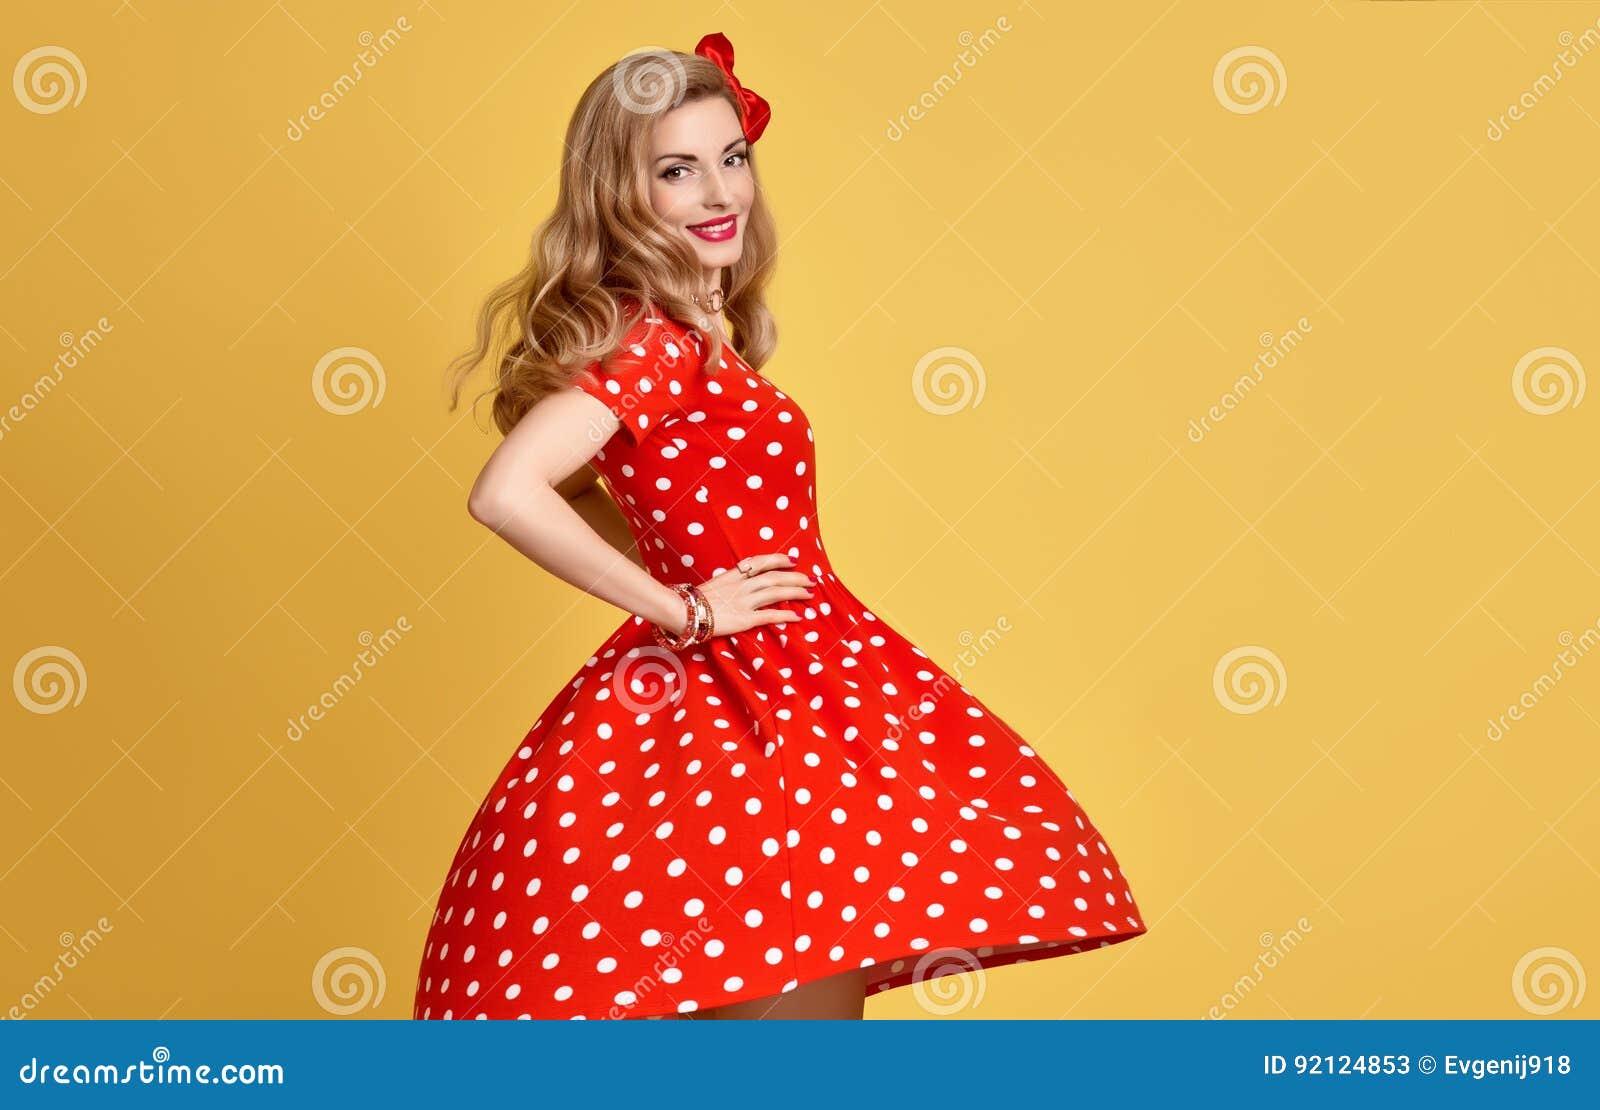 315b7e57511 Beauté de mode Fille blonde sensuelle de pin-up souriant dans la polka  rouge Dots Summer Dress Femme dans la pose de mode Coiffure bouclée  élégante à la ...